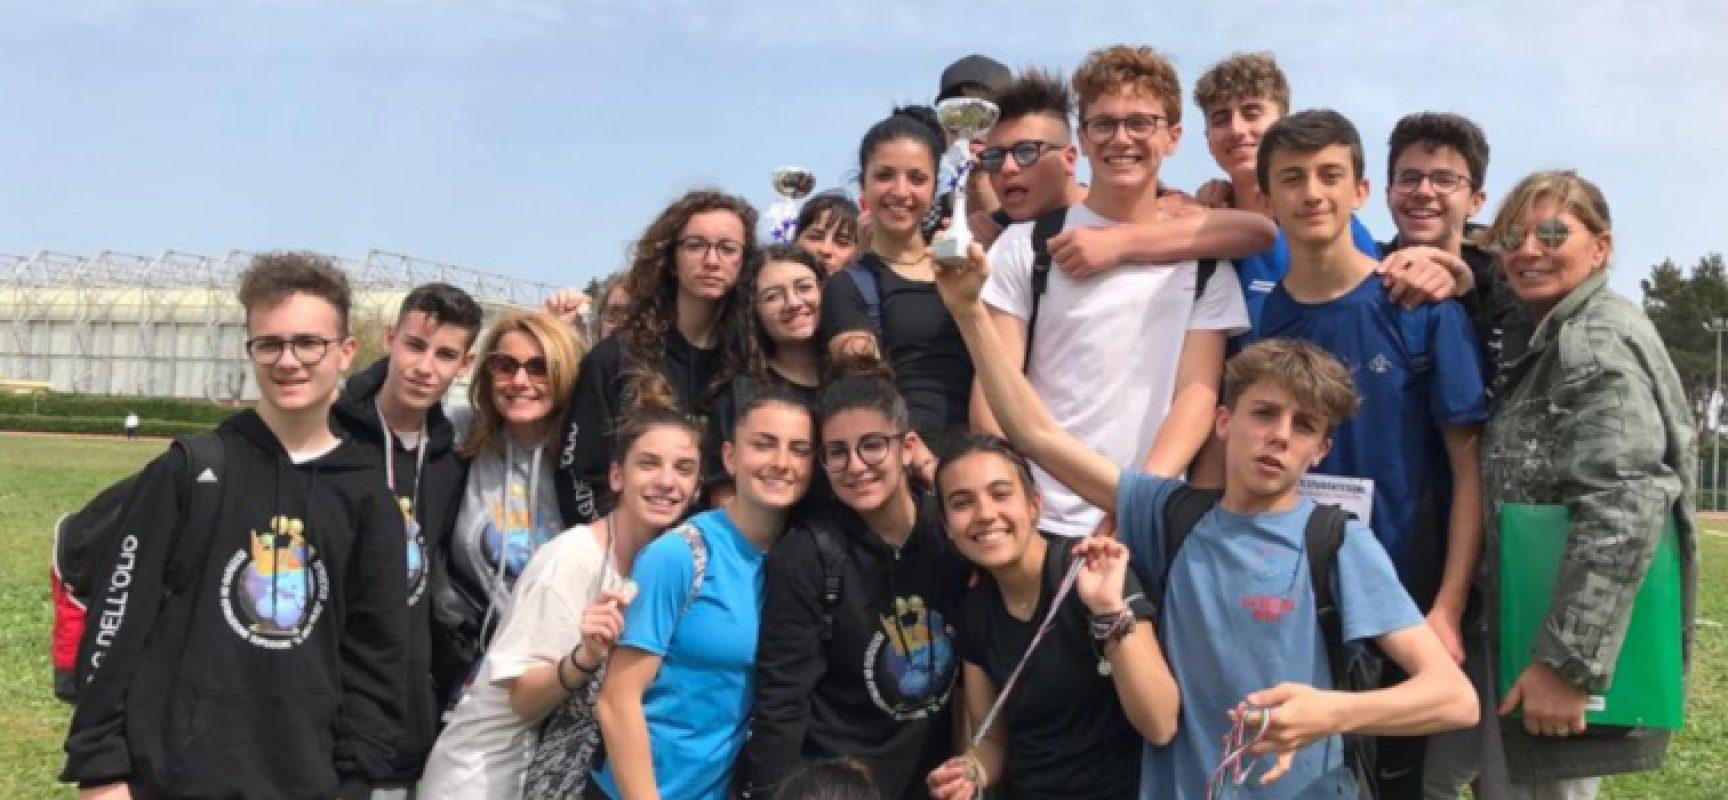 """Ottimi risultati per gli studenti dell'Istituto """"Dell'Olio"""" nelle gare di atletica leggera e nuoto / FOTO"""